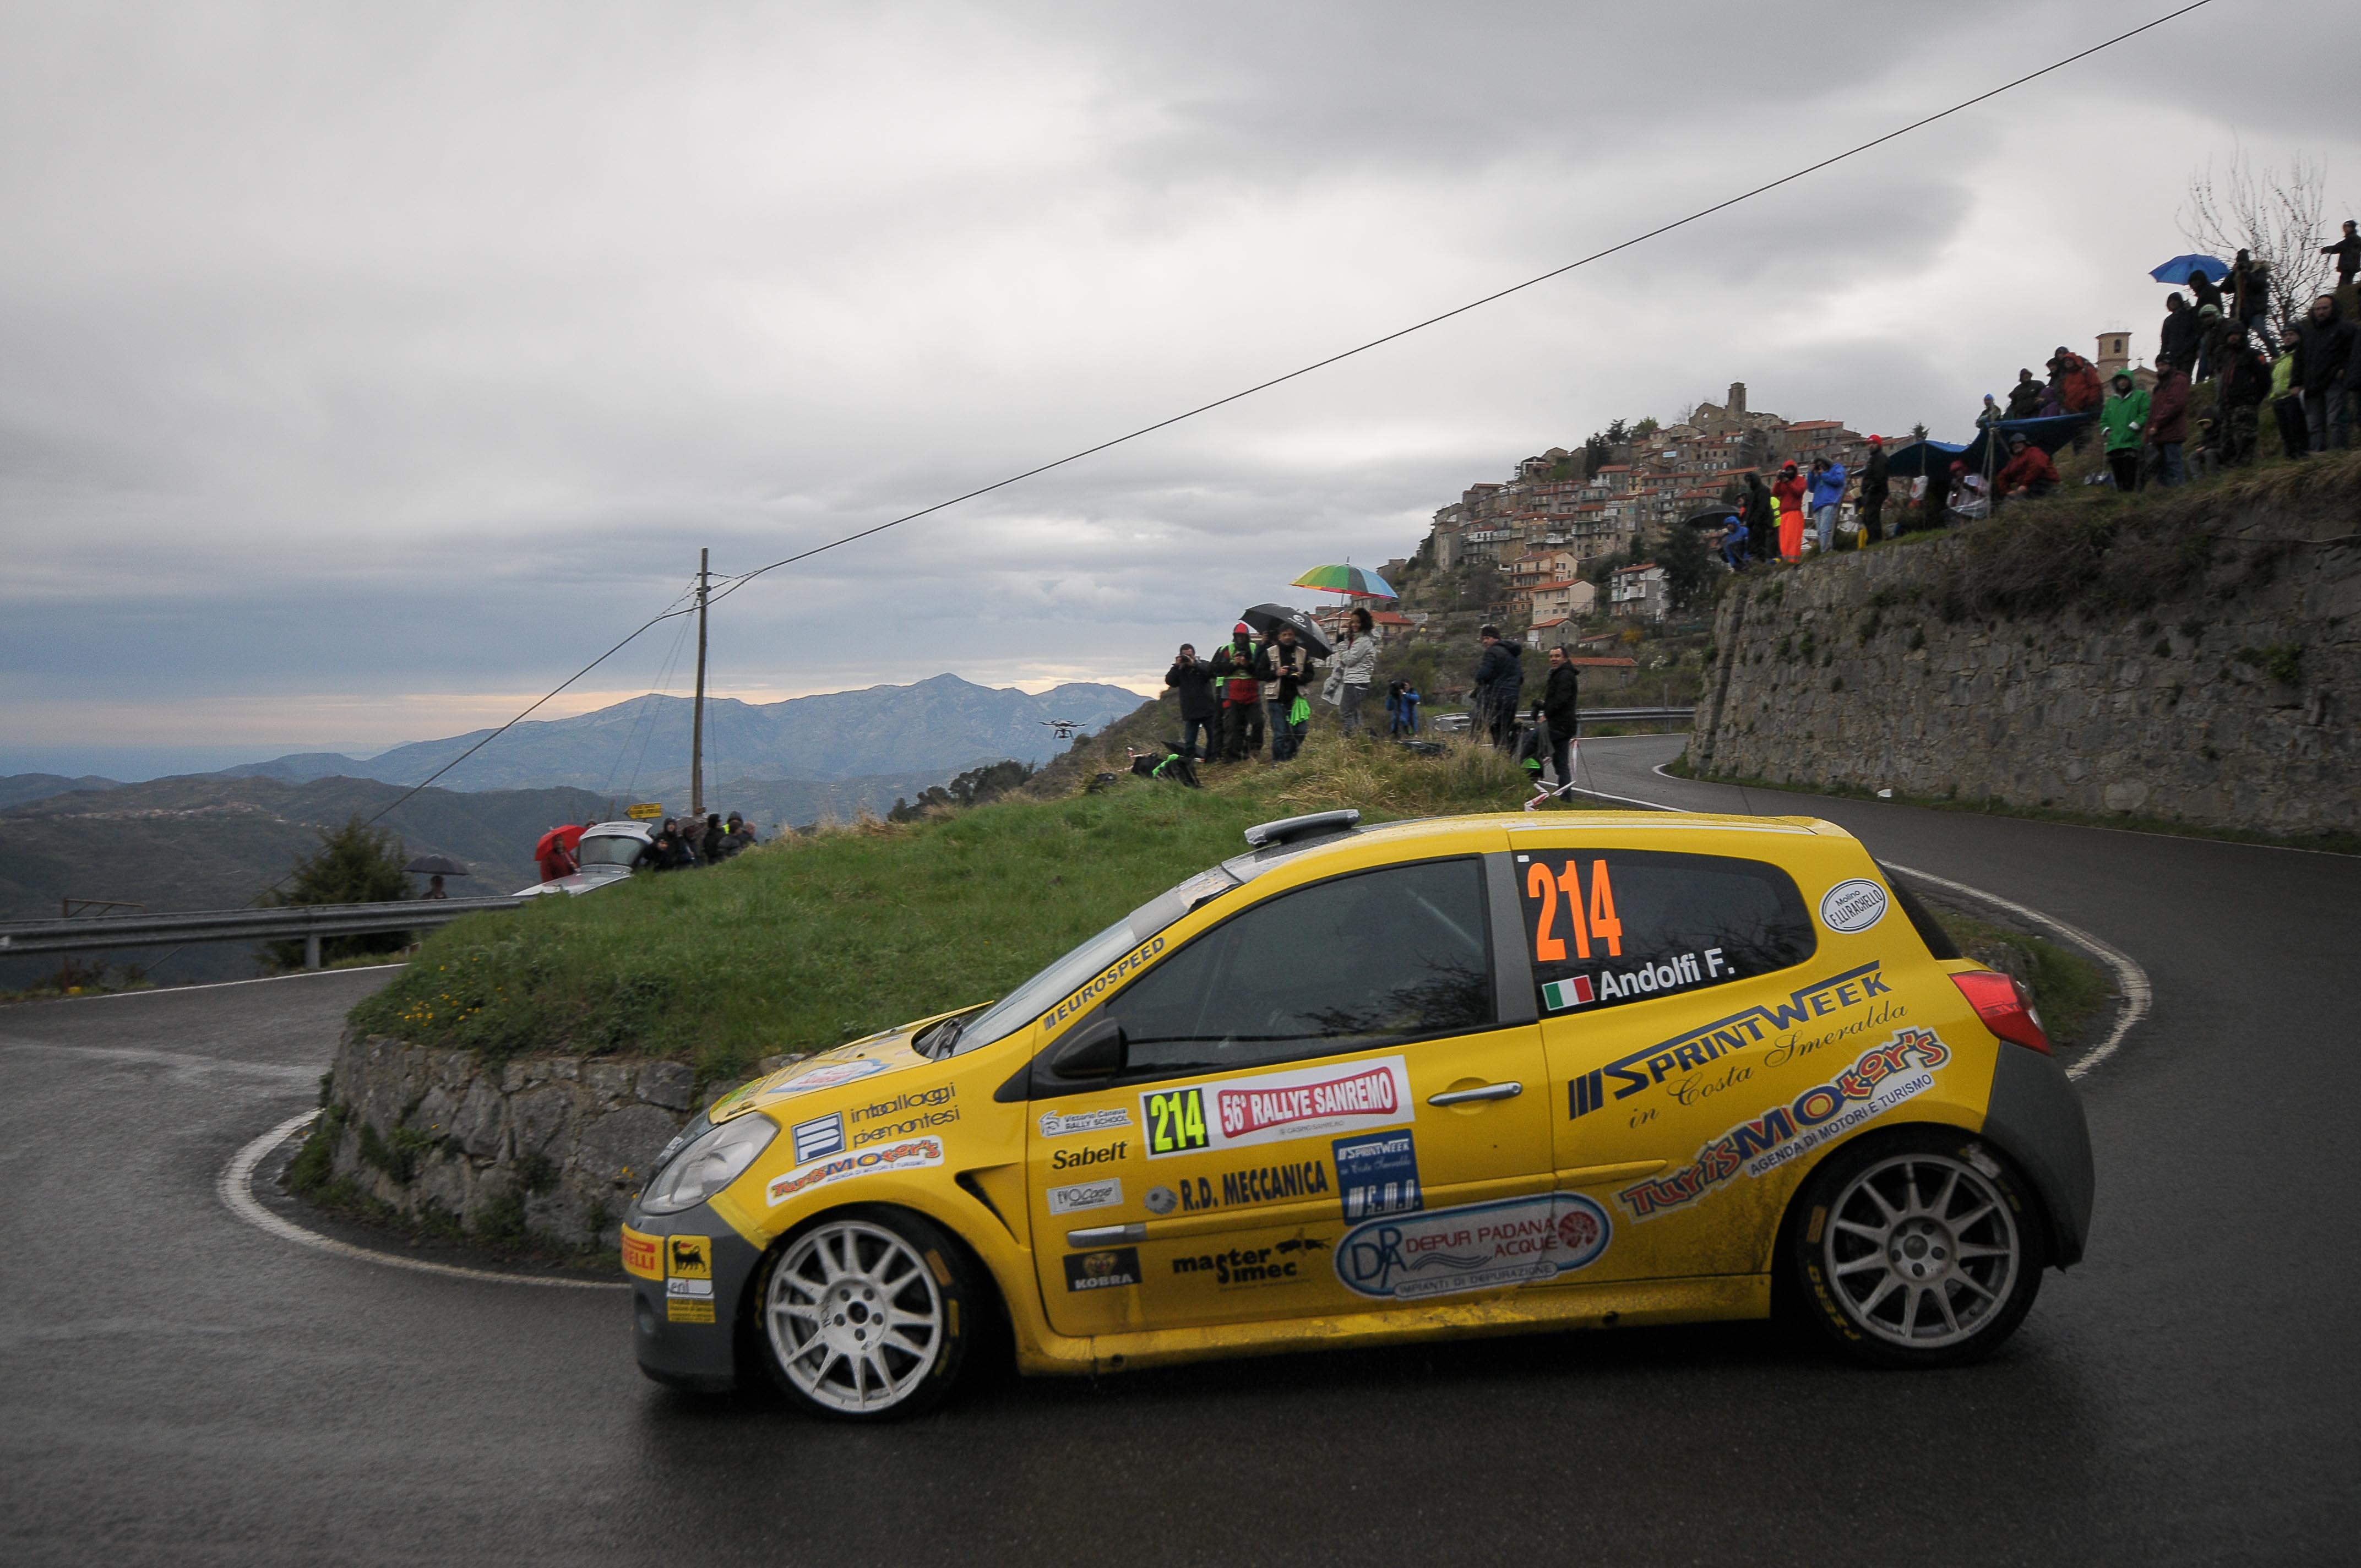 Trofei Renault al Sanremo